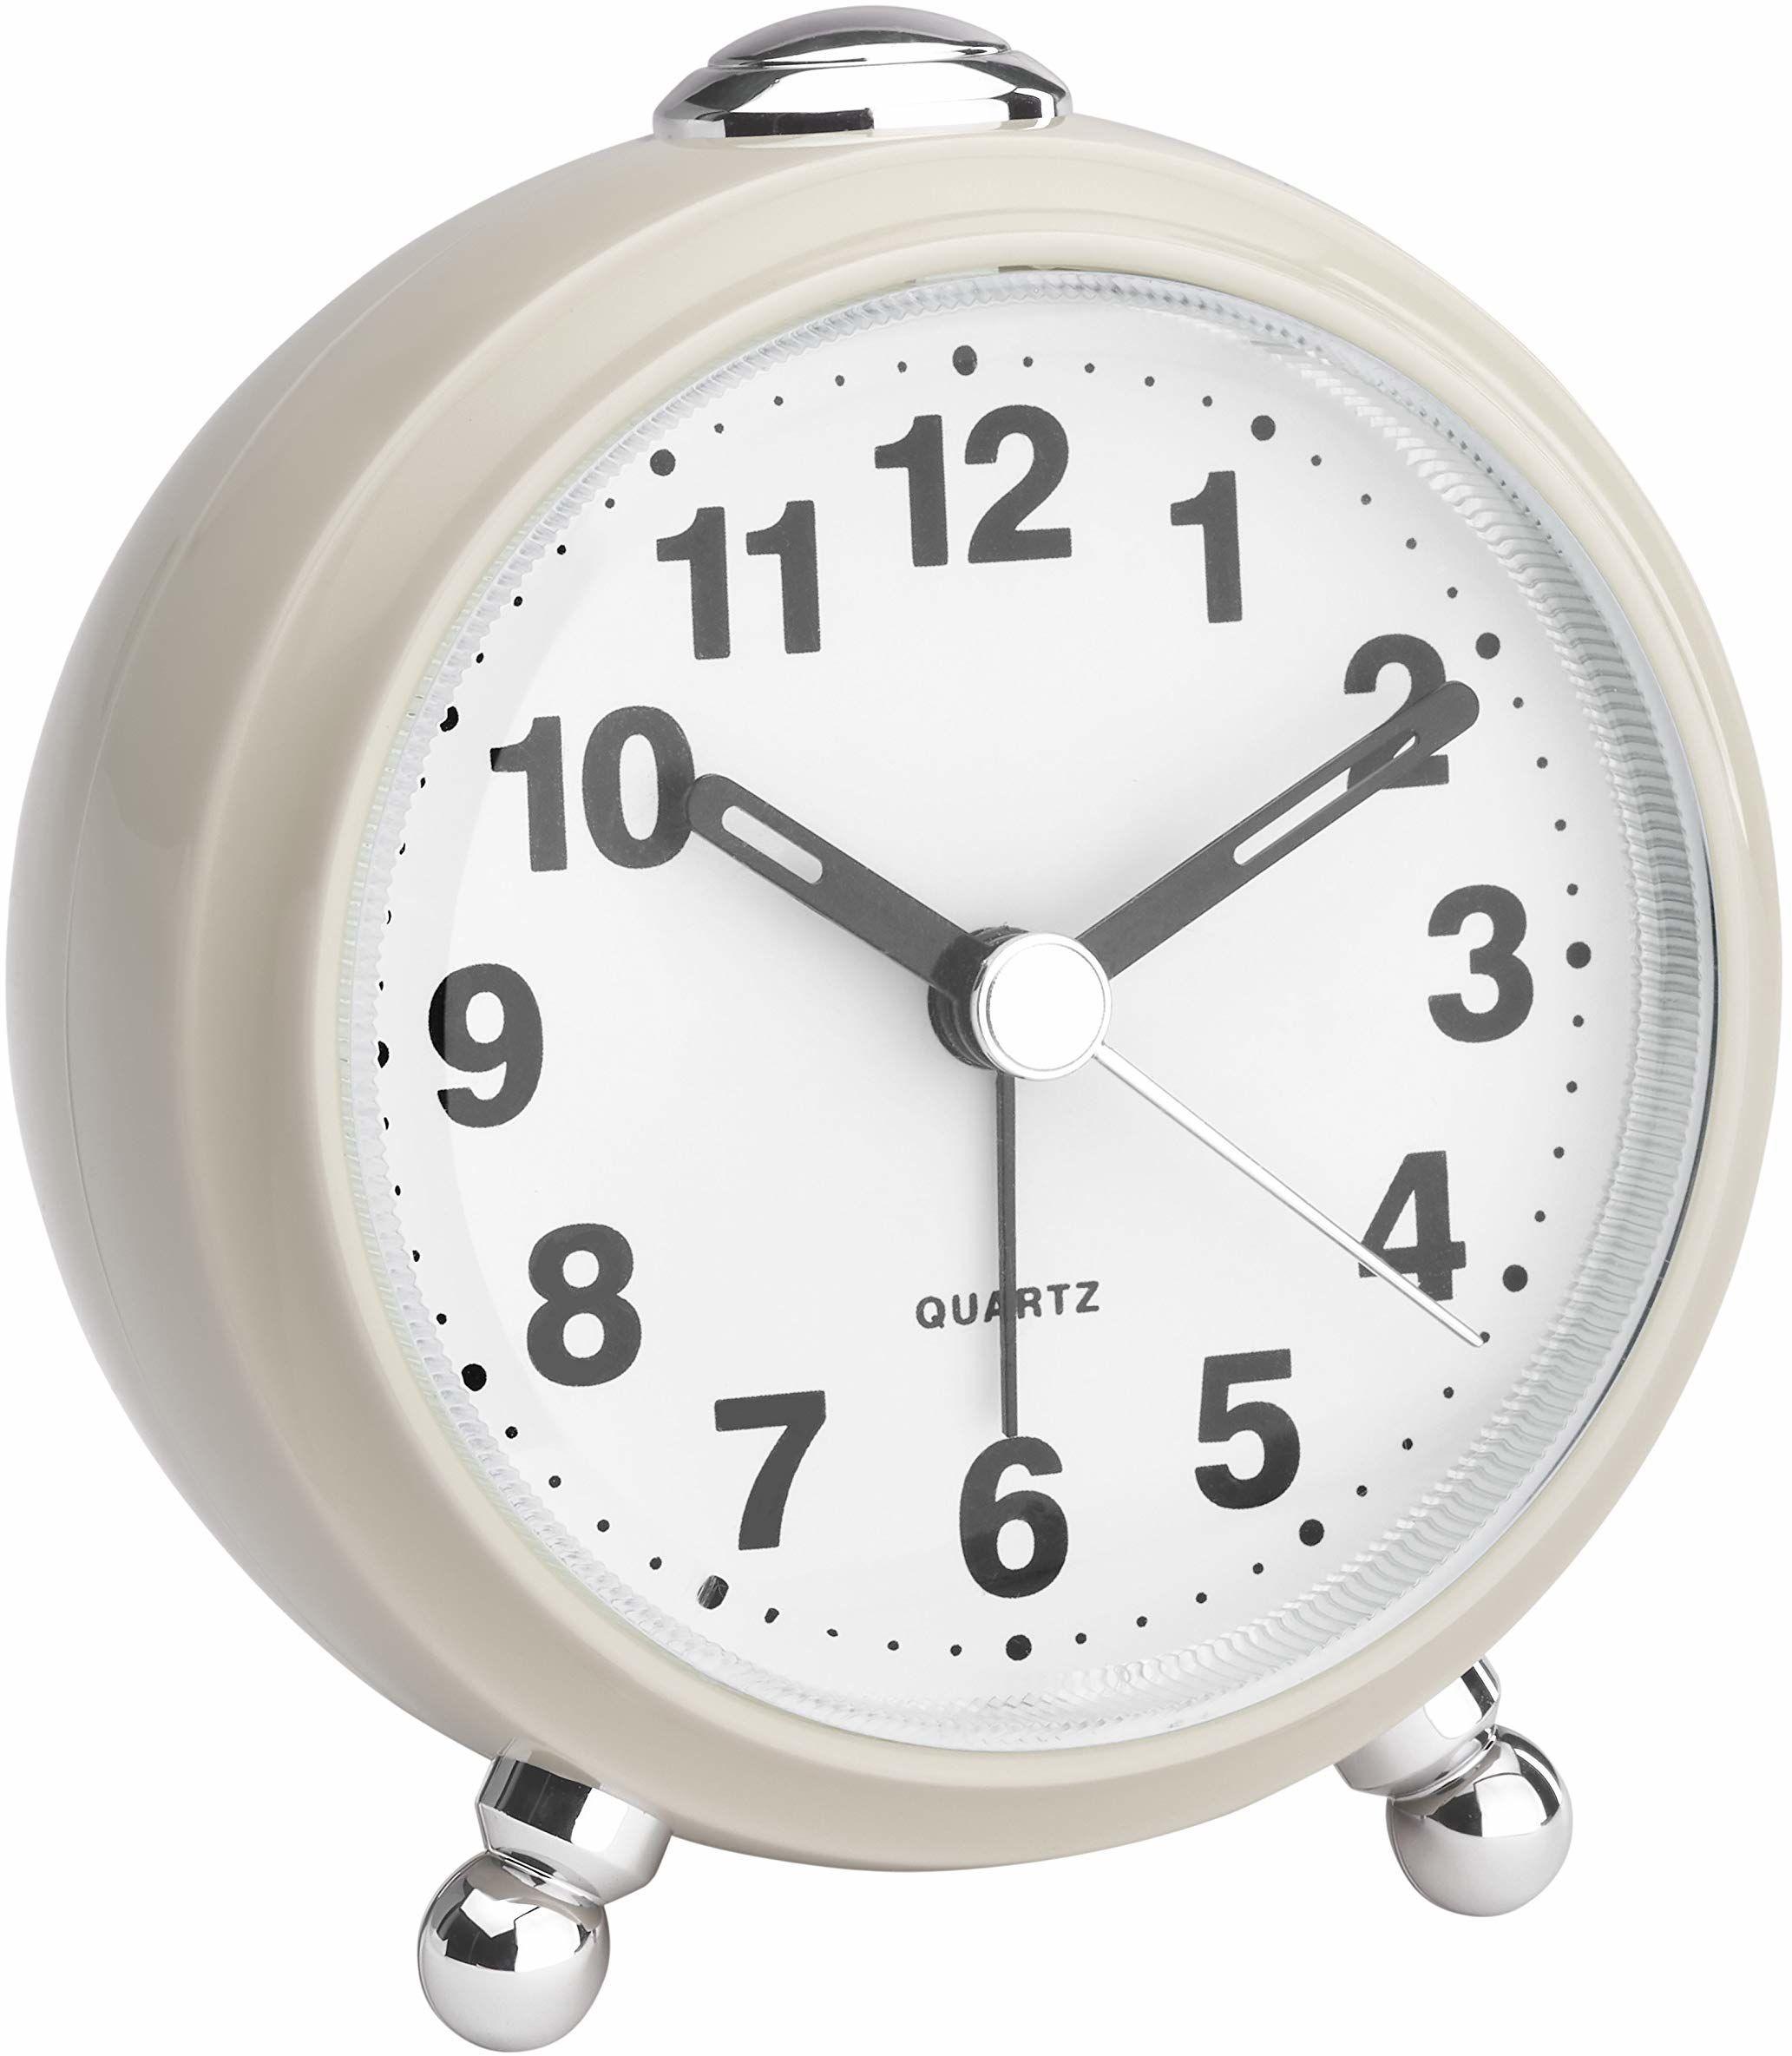 TFA Dostmann analogowy budzik, w stylu retro, cichy mechanizm zegarowy, tworzywo sztuczne, beżowy, (dł.) 83 x (szer.) 53 x (wys.) 92 mm